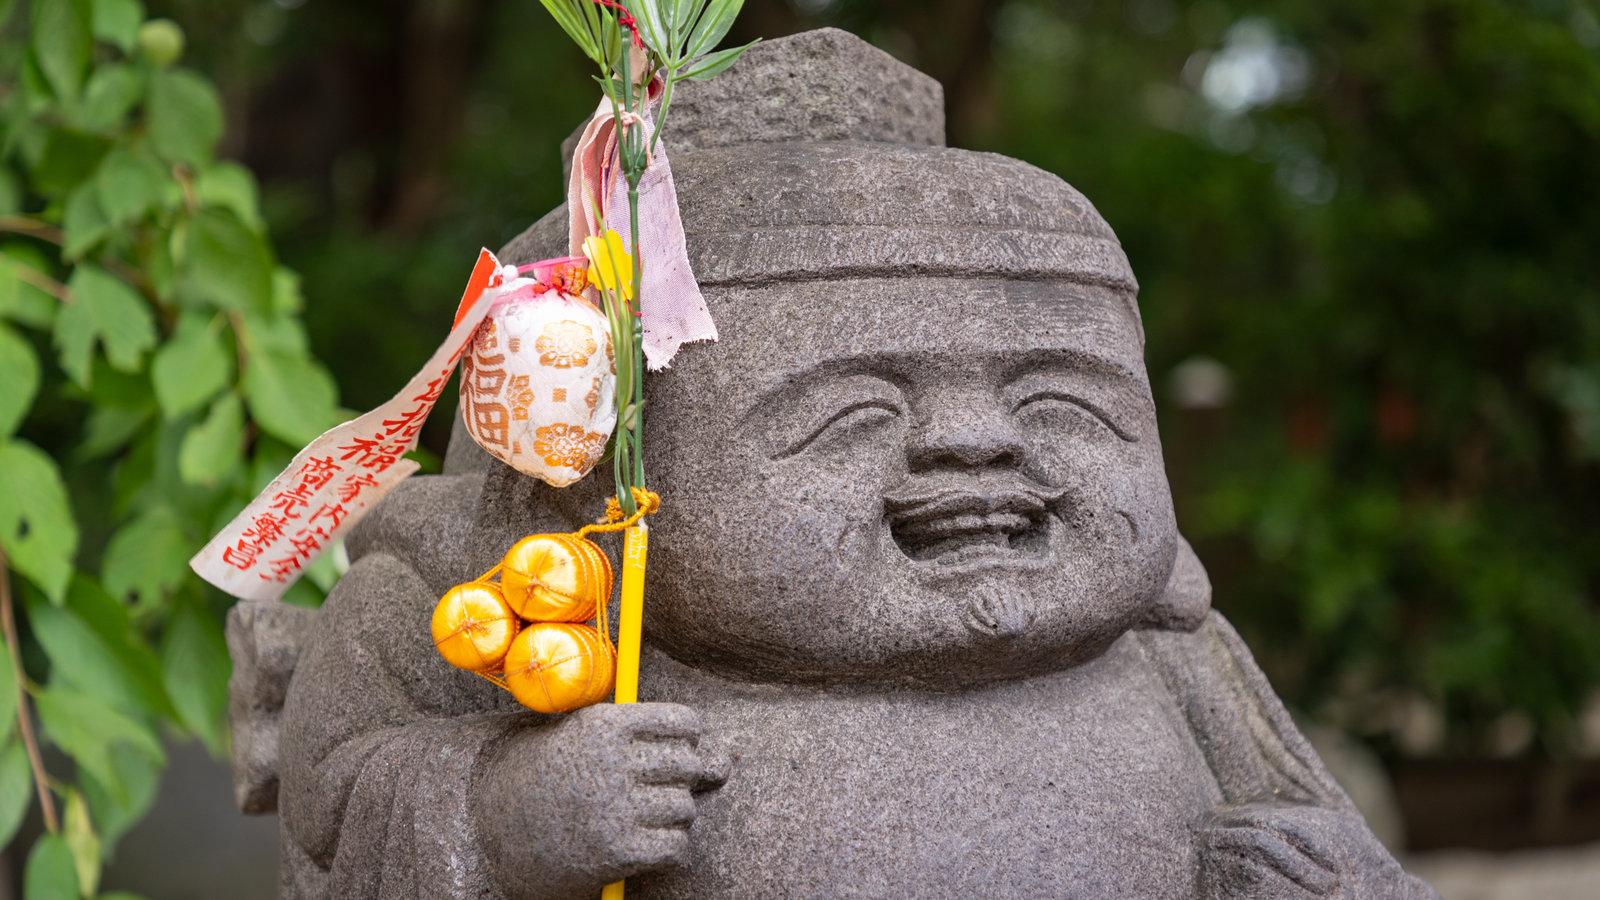 Hakata-ku showing a statue or sculpture